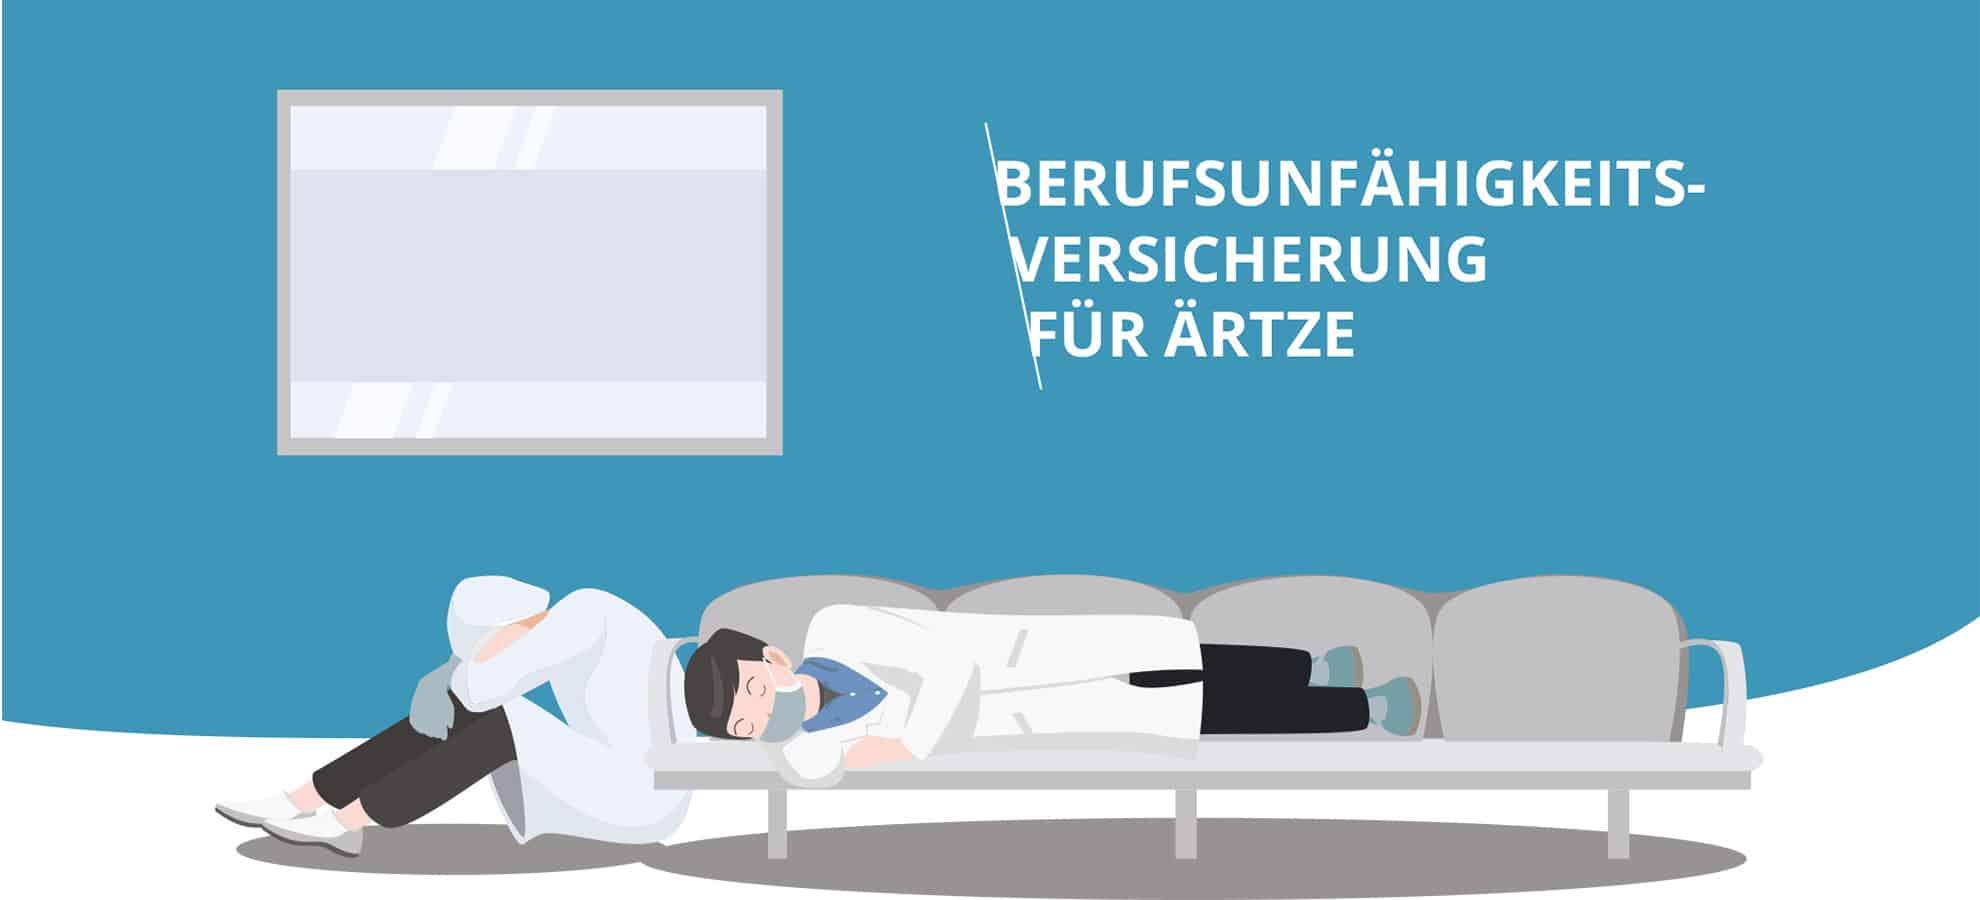 Berufsunfähigkeitsversicherung (BU) für Ärzte